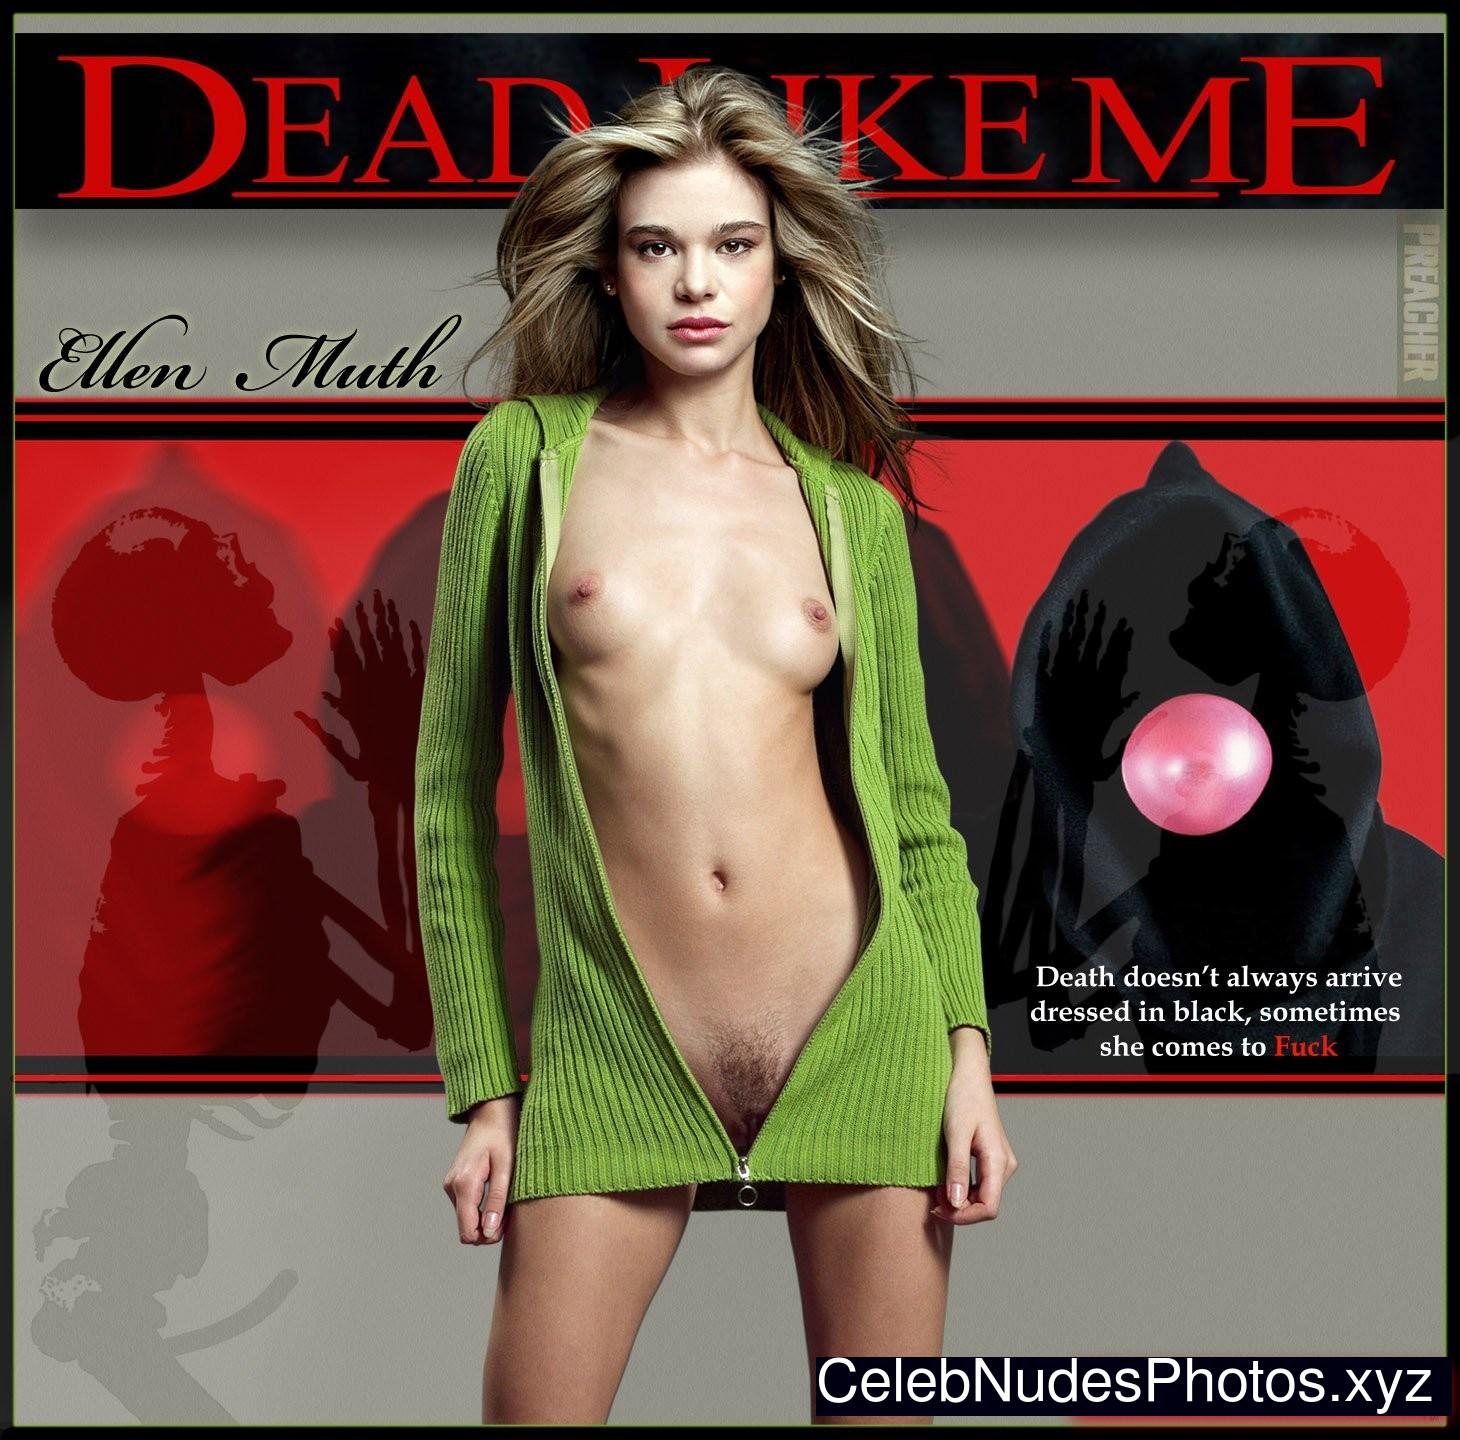 Ellen Muth nude celeb